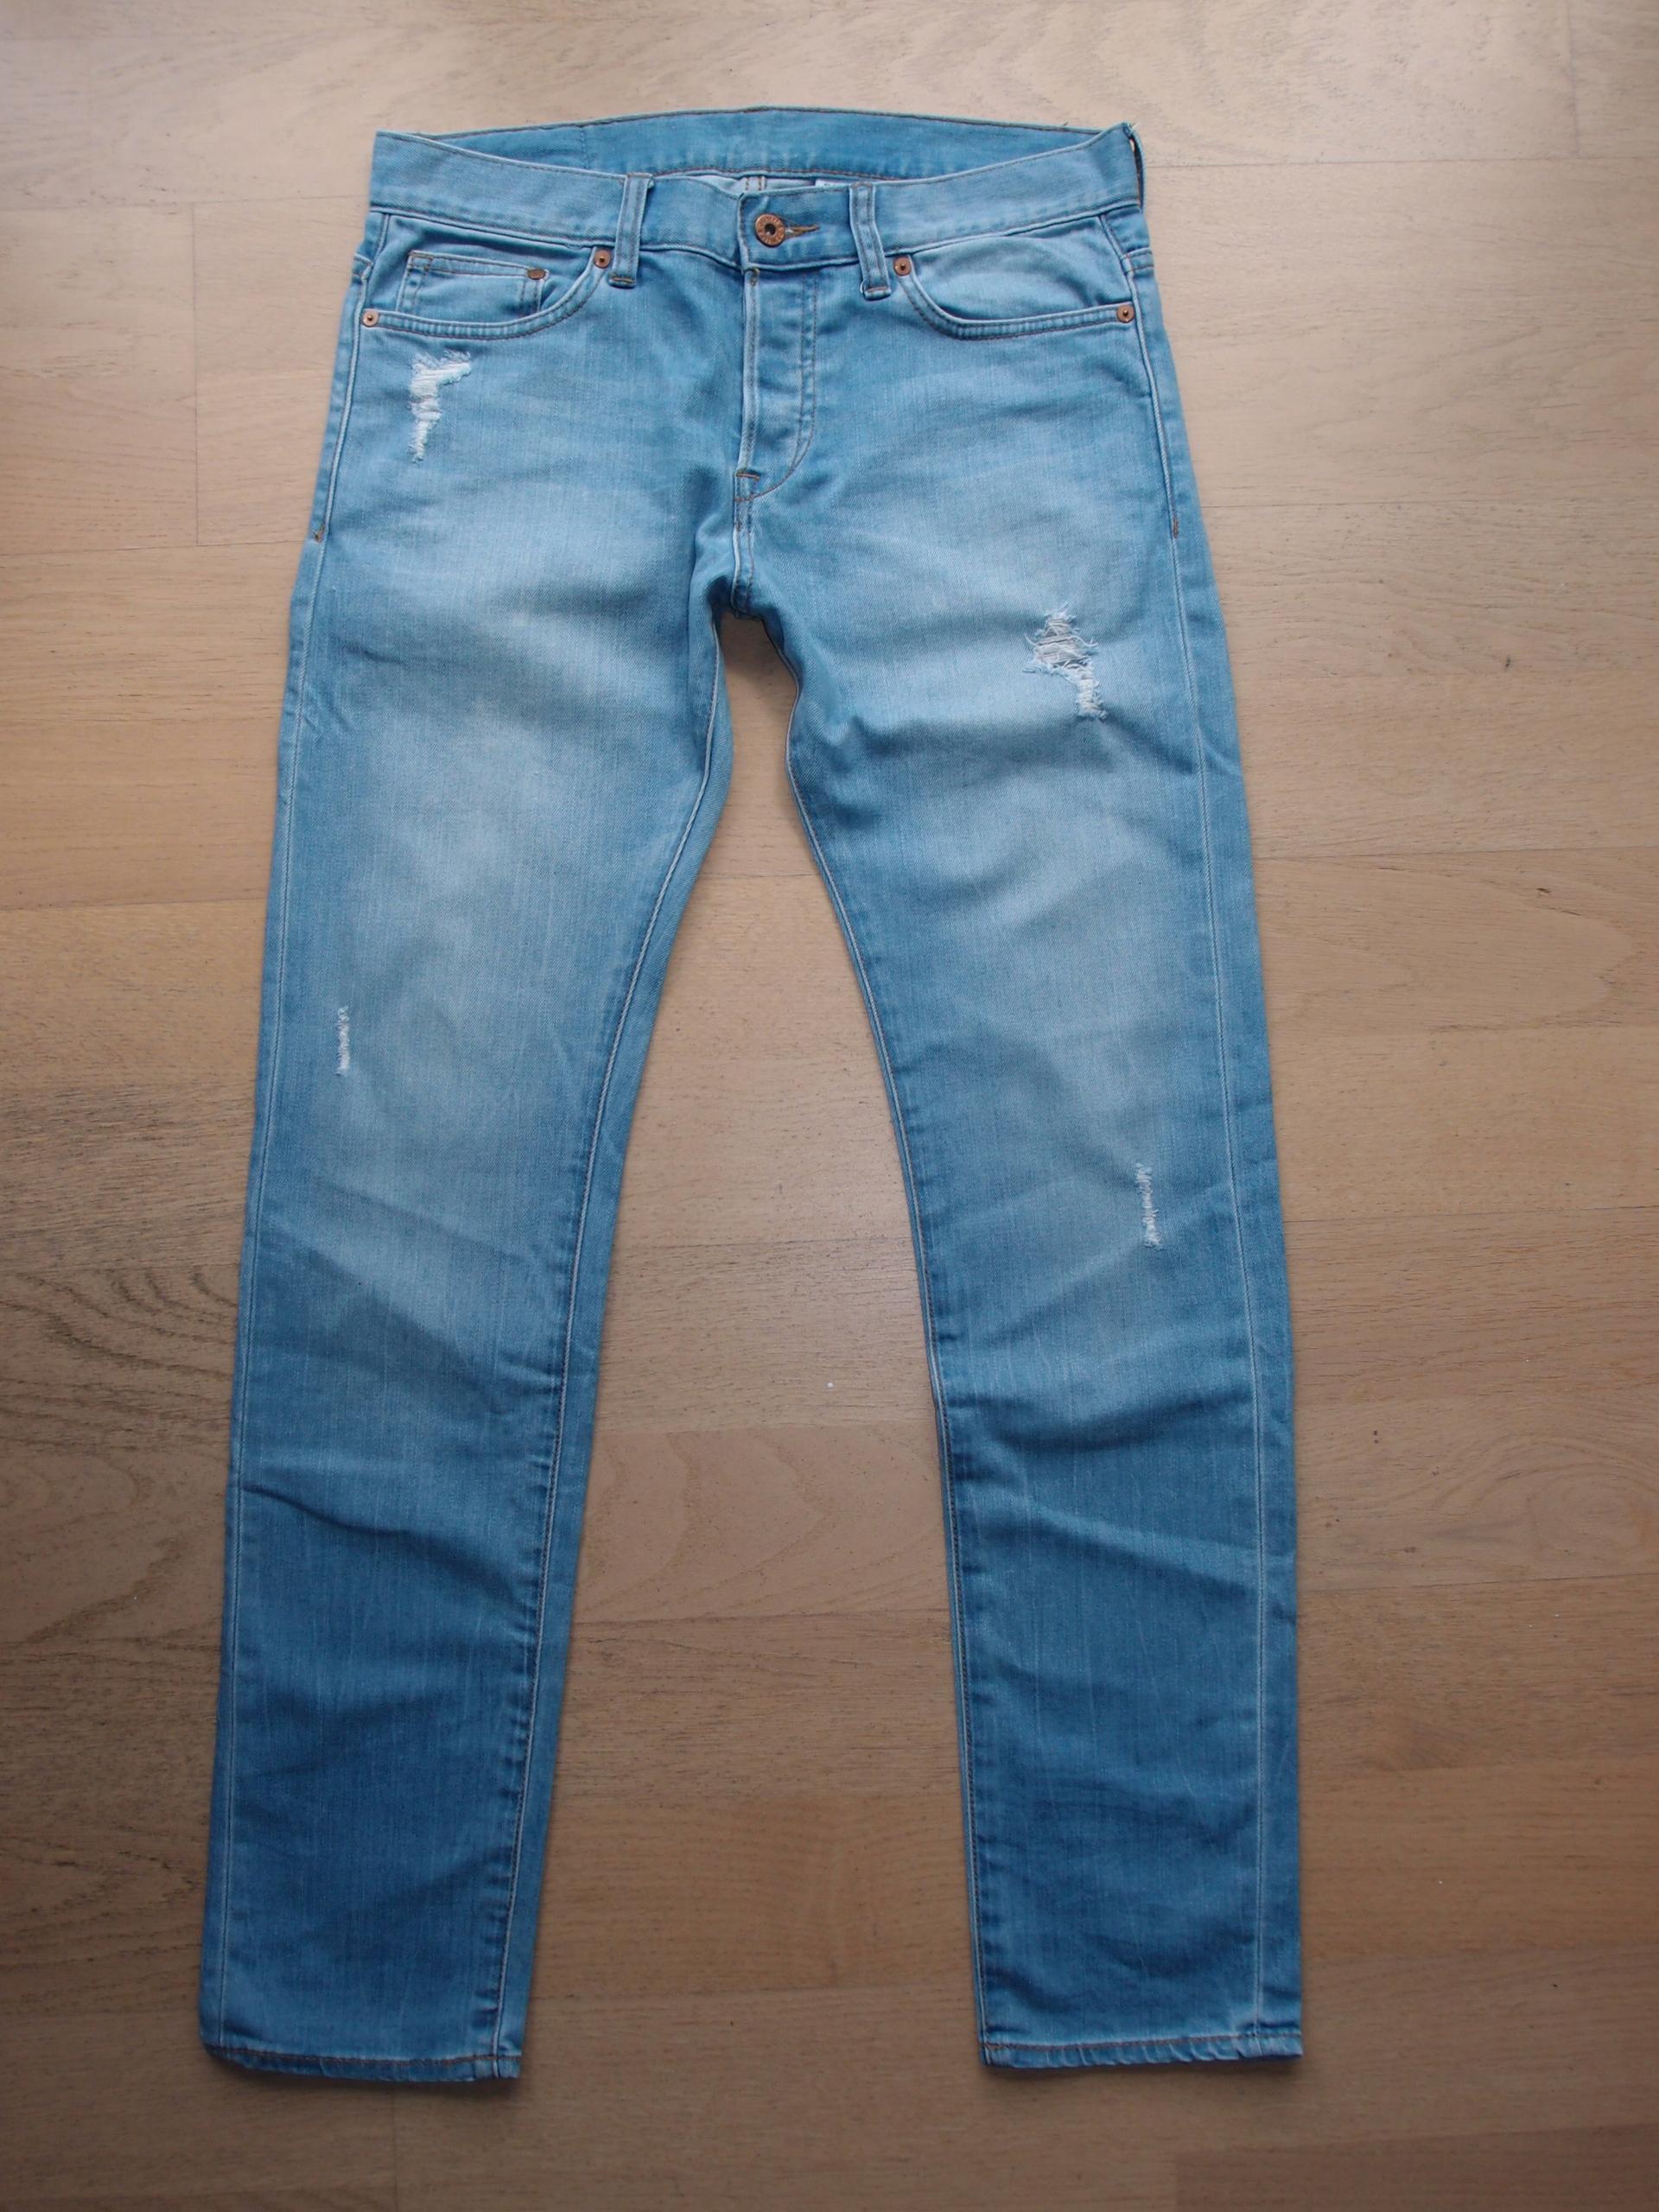 Spodnie jeans H&M DENIM ( rozm. W30L32 ) MAN